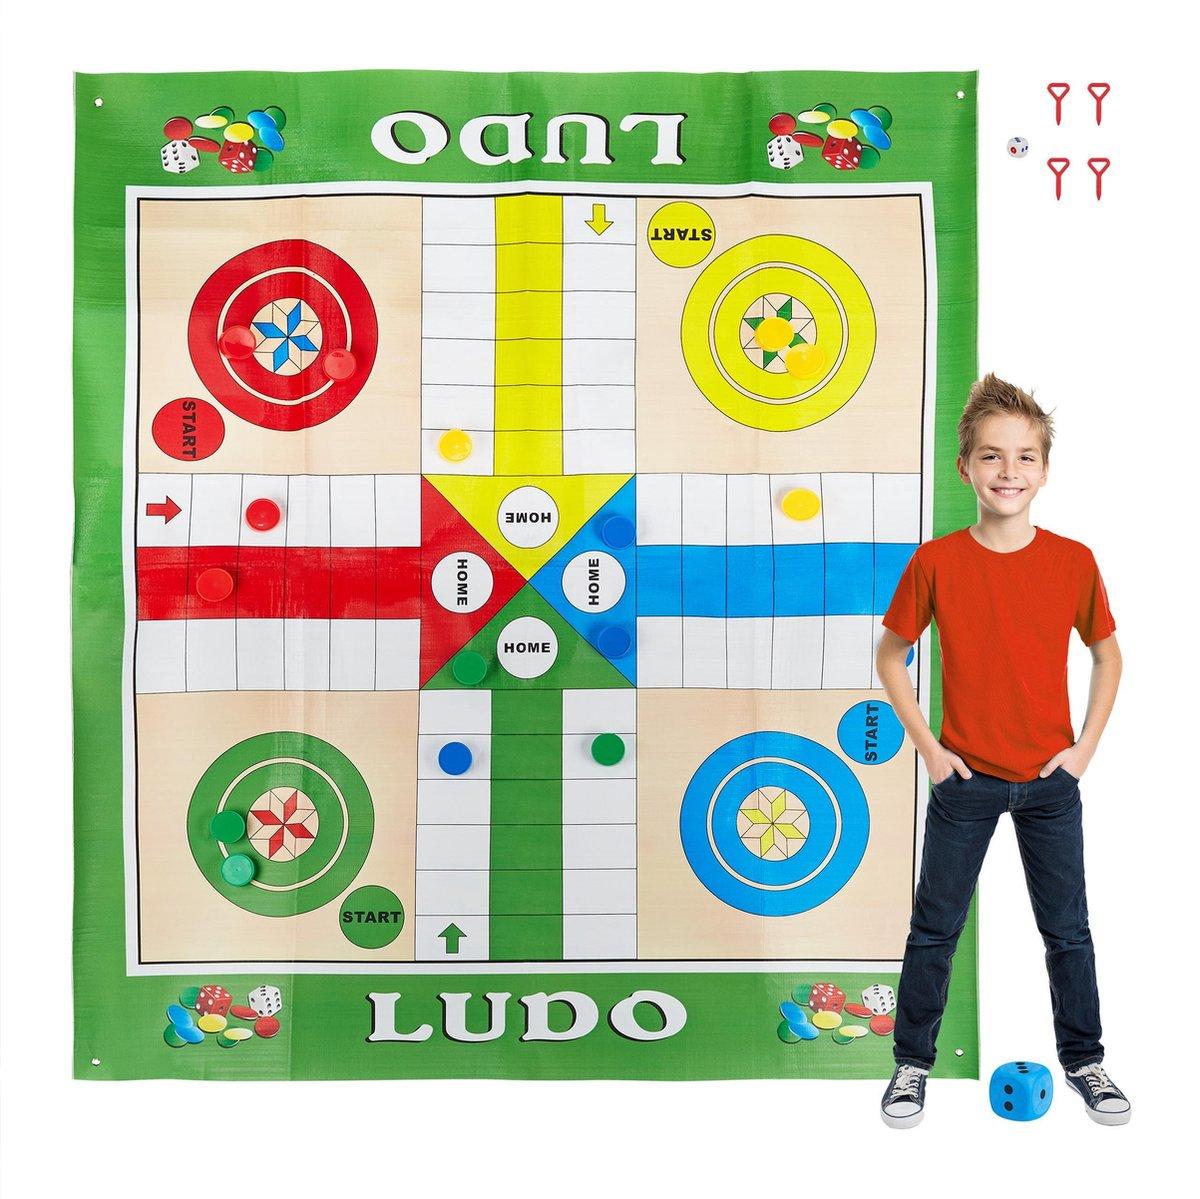 relaxdays Ludo bordspel XXL - paardjesspel - spelletje buiten - 160x180 - tuinspel